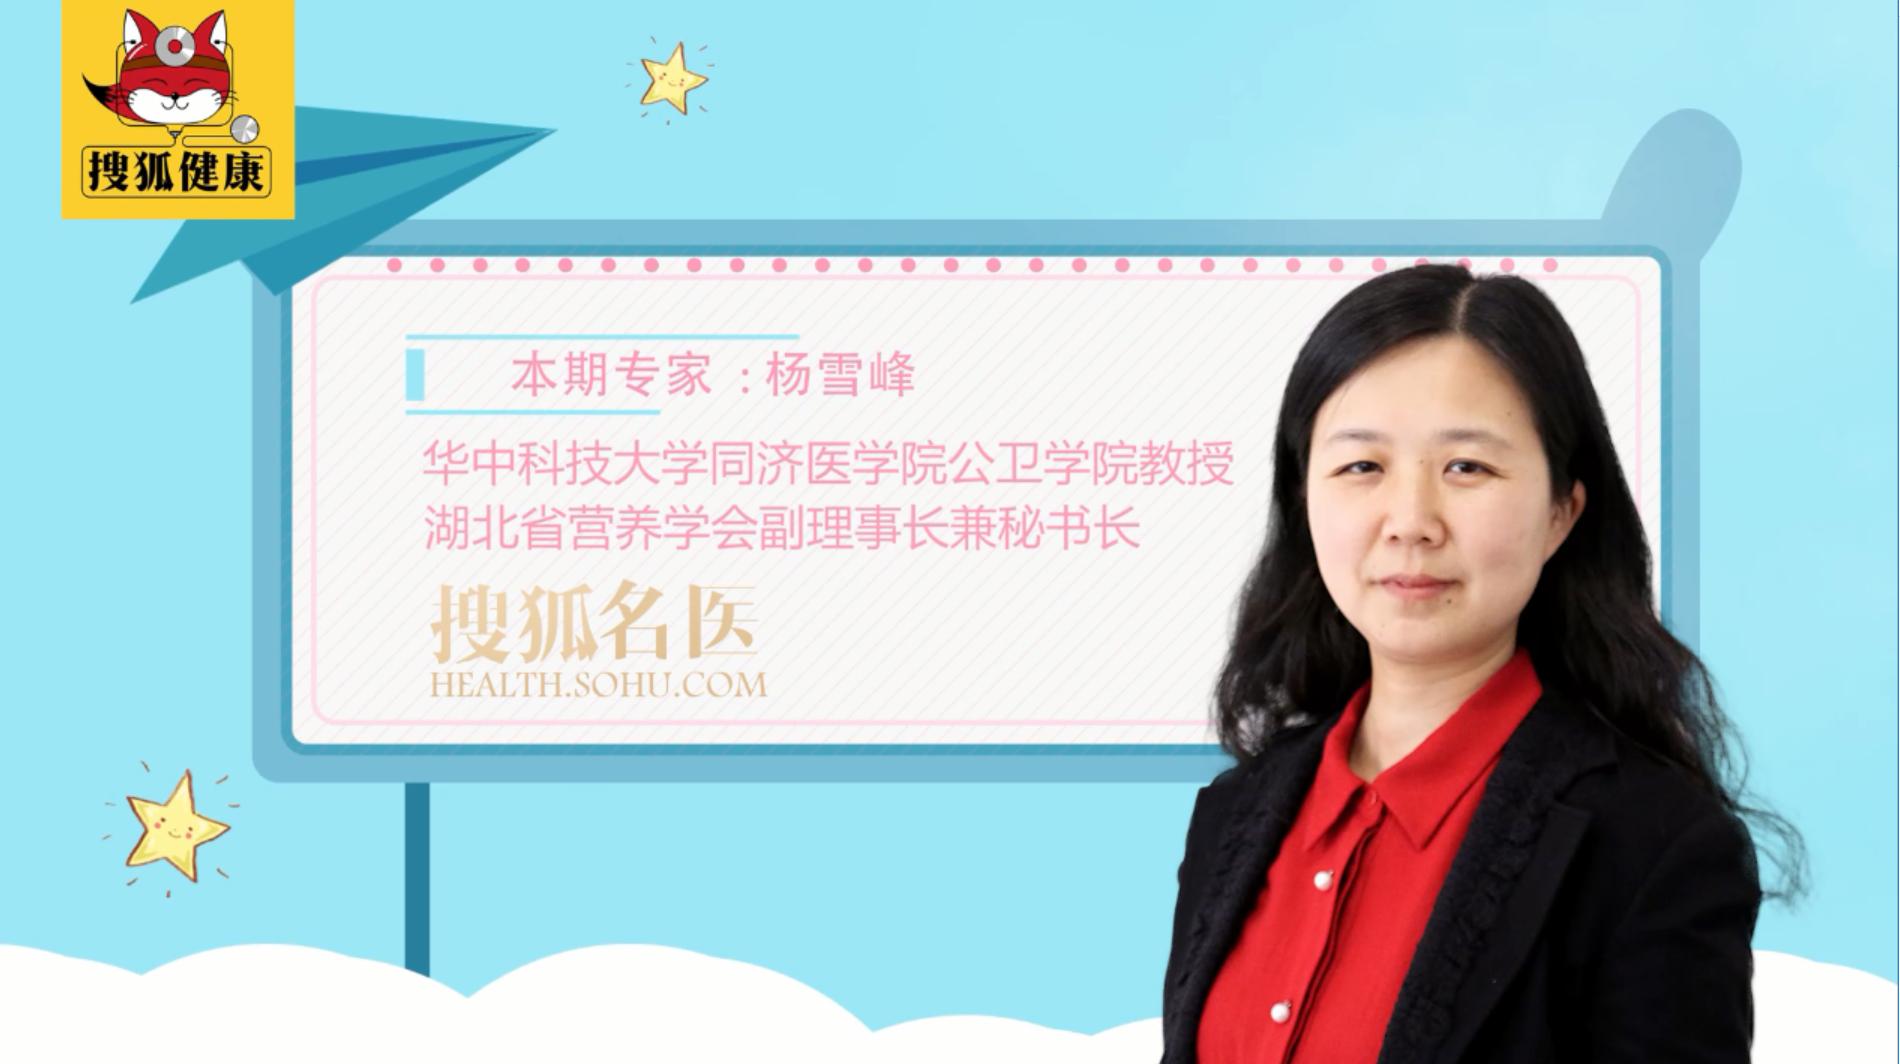 搜狐名醫 | 同濟楊雪鋒:胖媽媽生孩子究竟有哪些風險?_體重